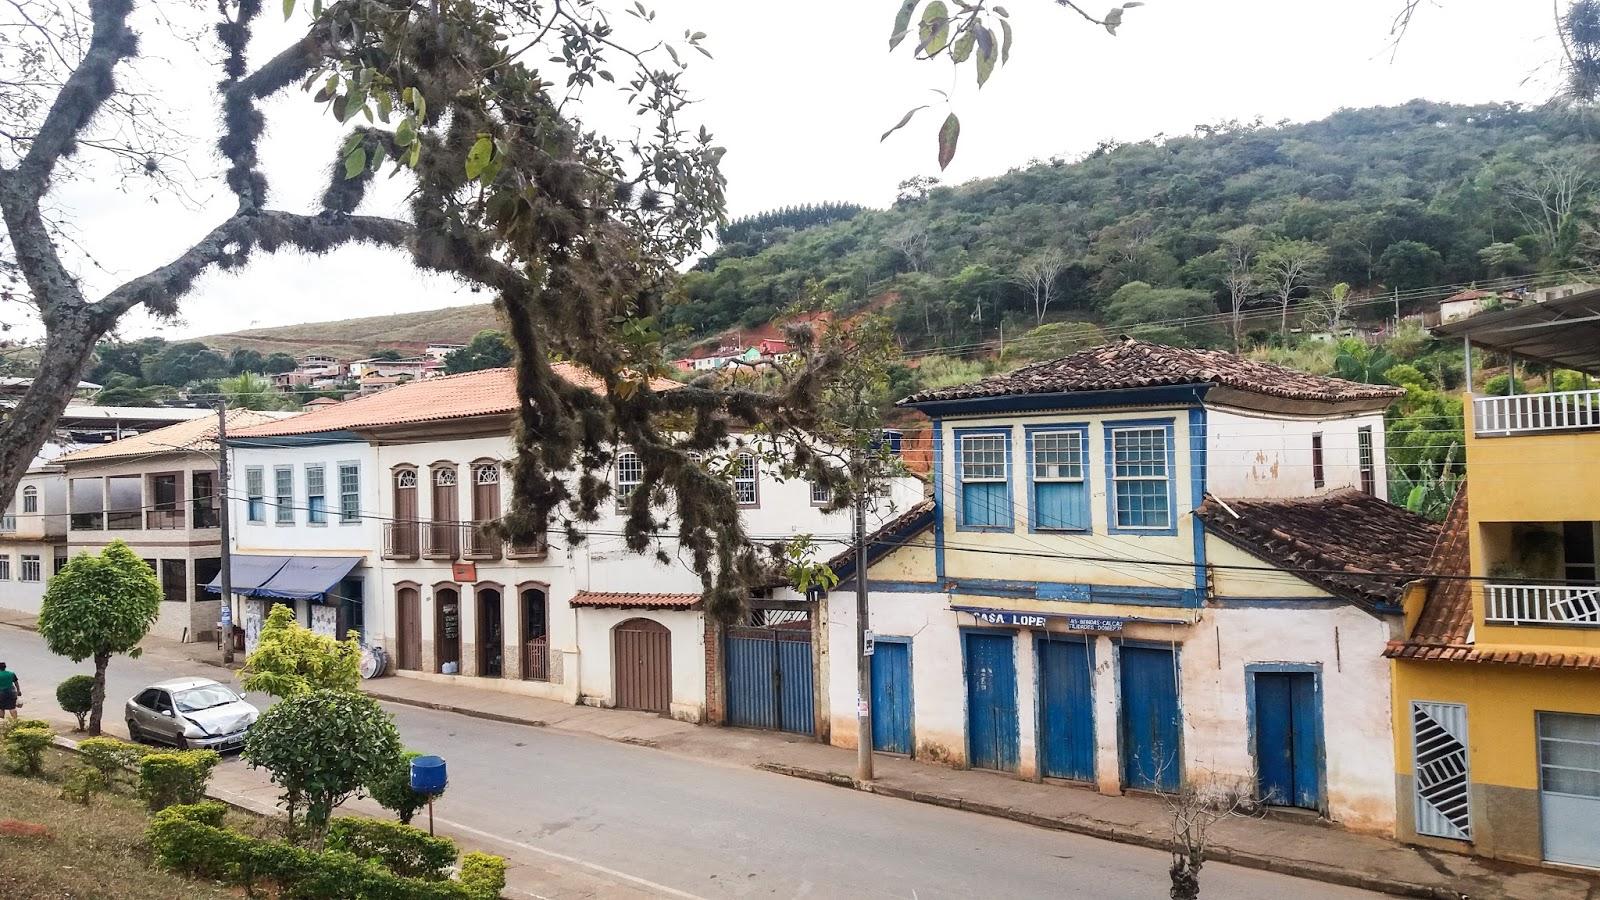 Pedra do Anta Minas Gerais fonte: 4.bp.blogspot.com